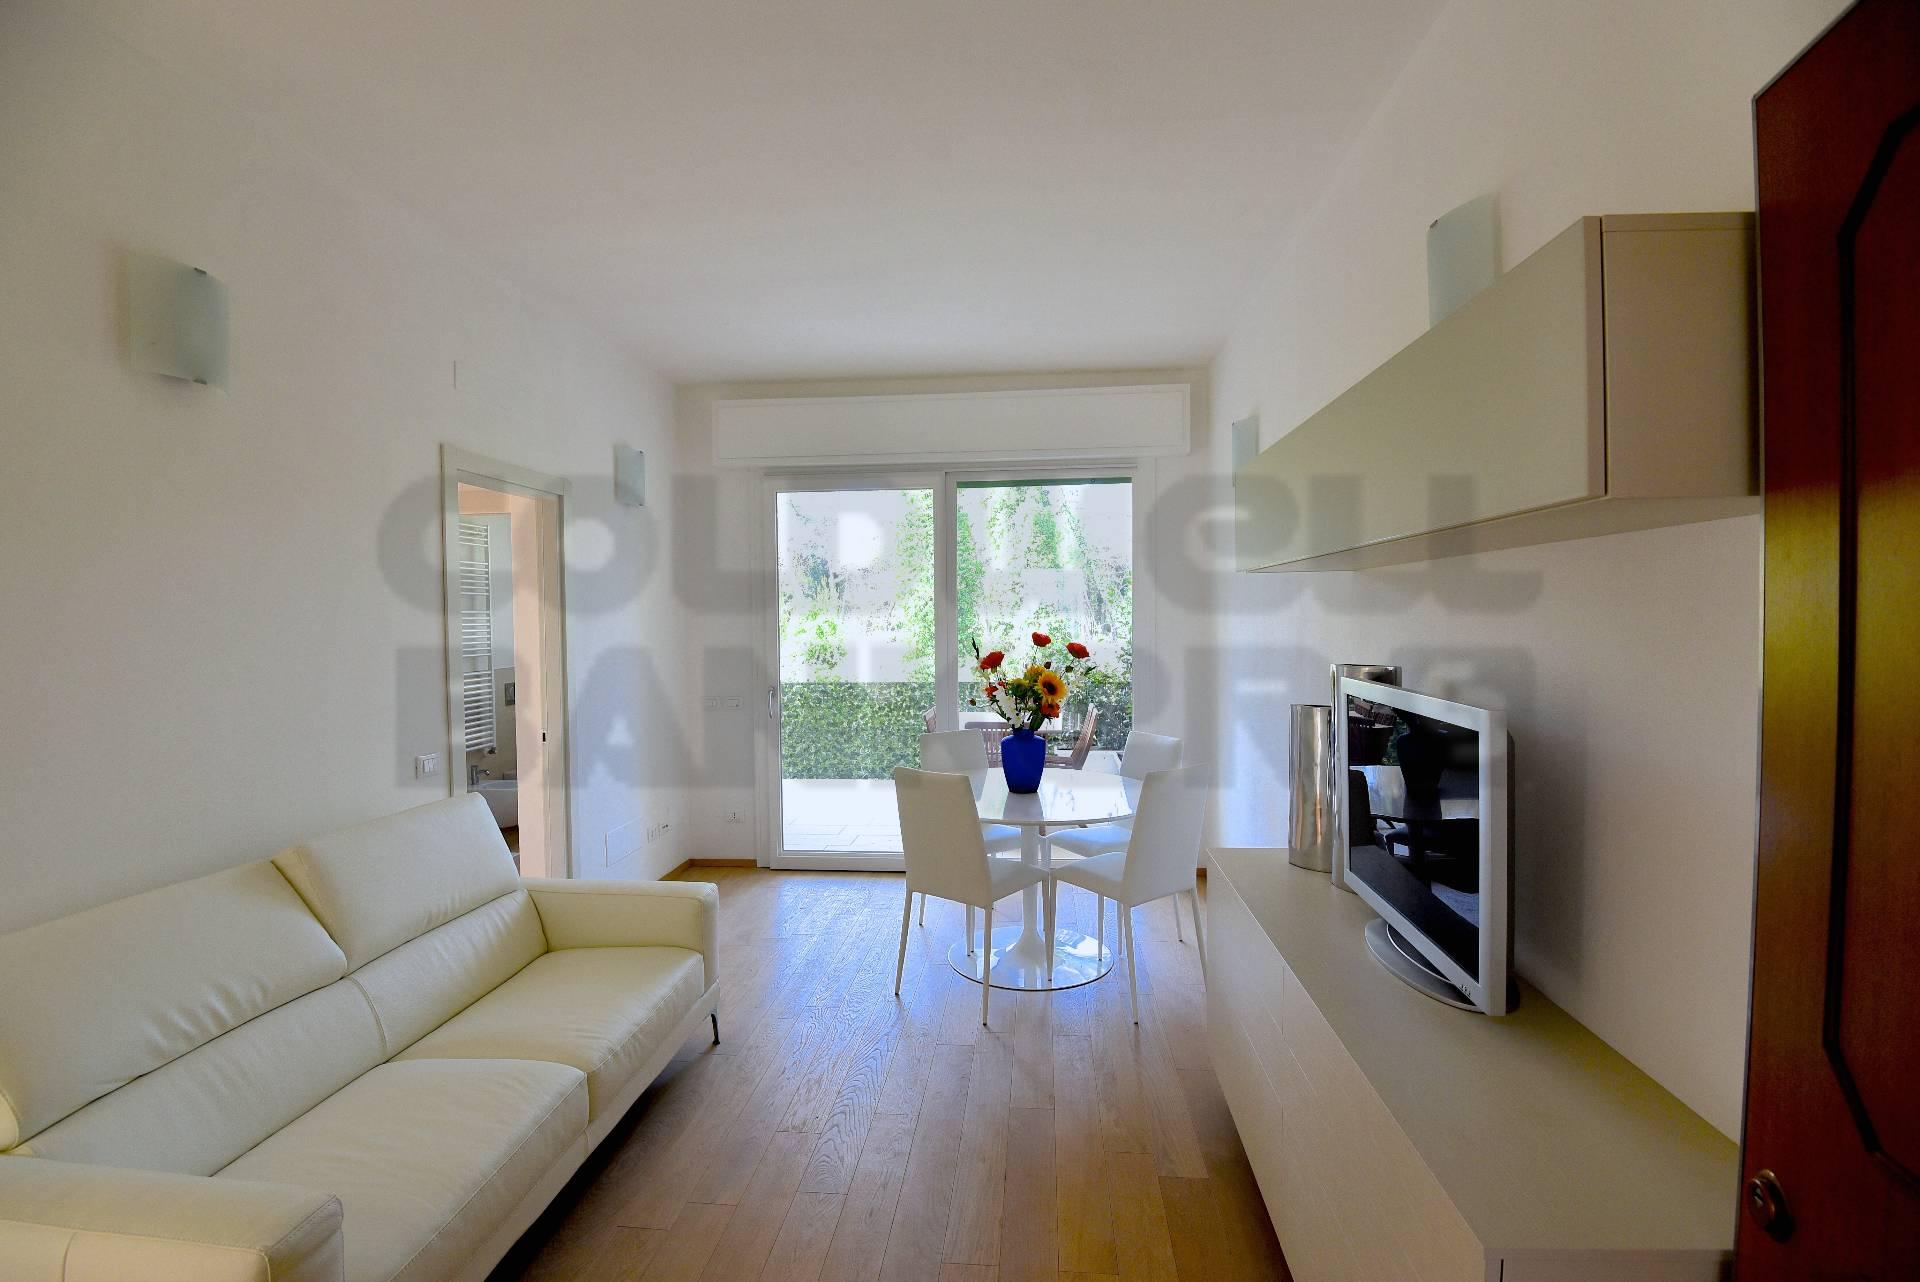 Appartamento in Vendita a Cervia: 4 locali, 73 mq - Foto 1